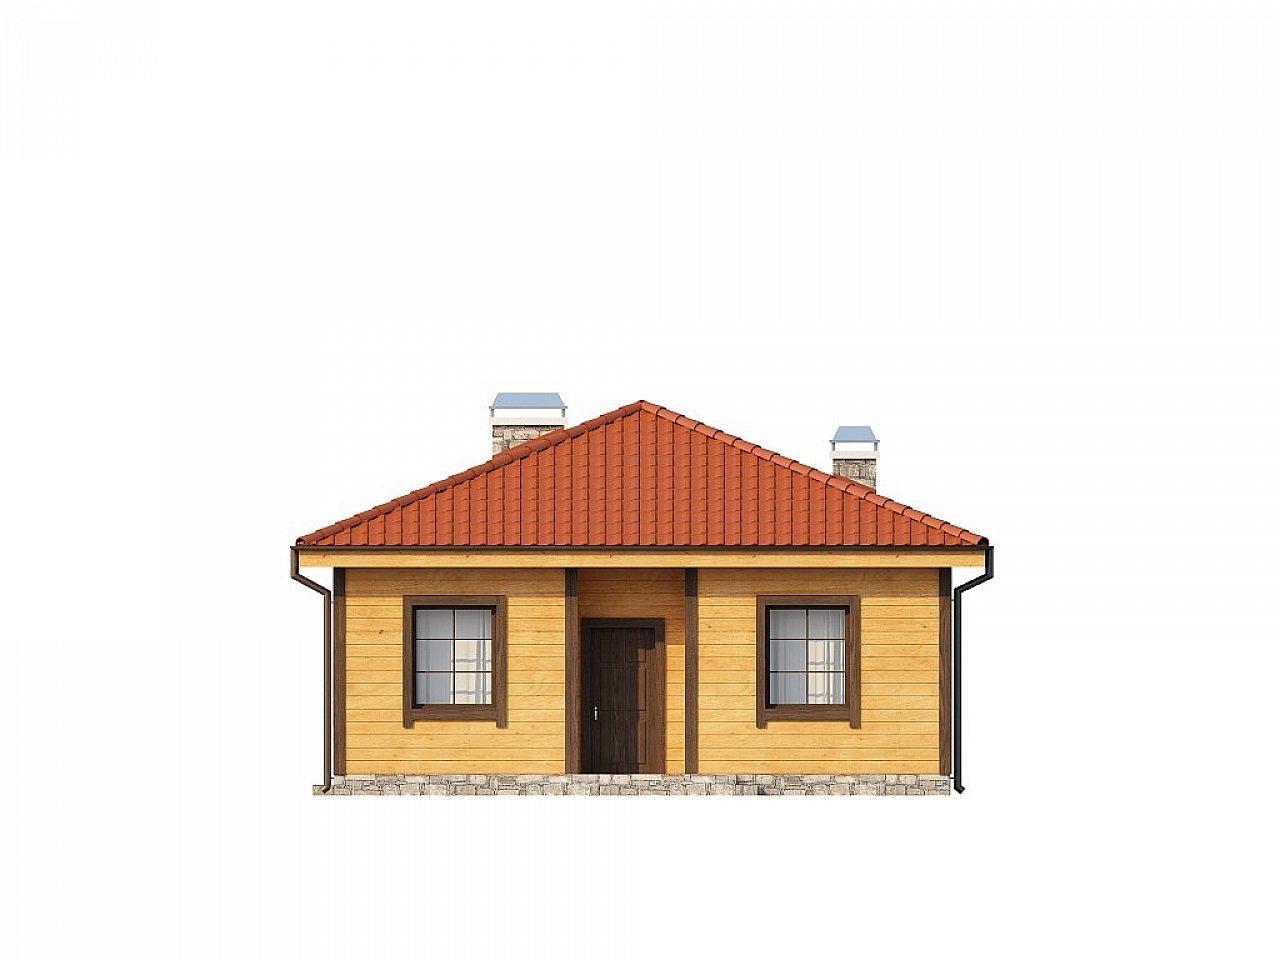 Аккуратный одноэтажный дом с деревянной облицовкой фасадов, адаптированный для каркасной технологии. 13